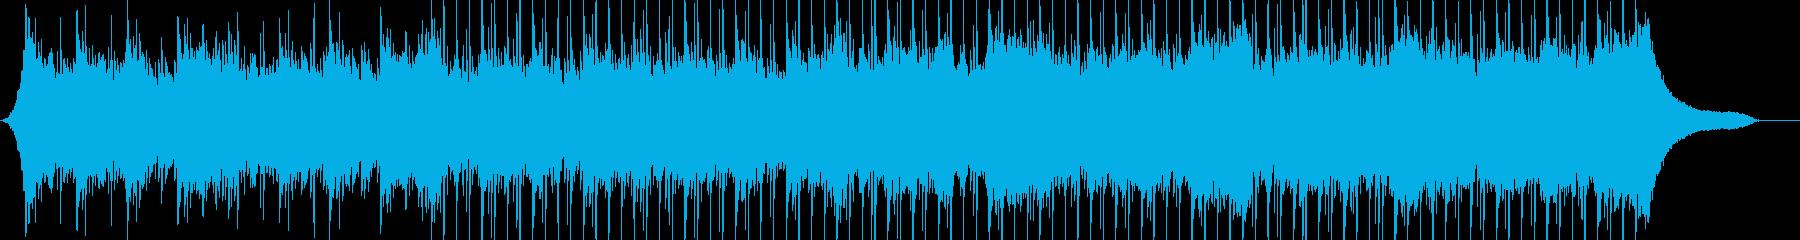 企業VP116、爽快、シンプル、ピアノbの再生済みの波形